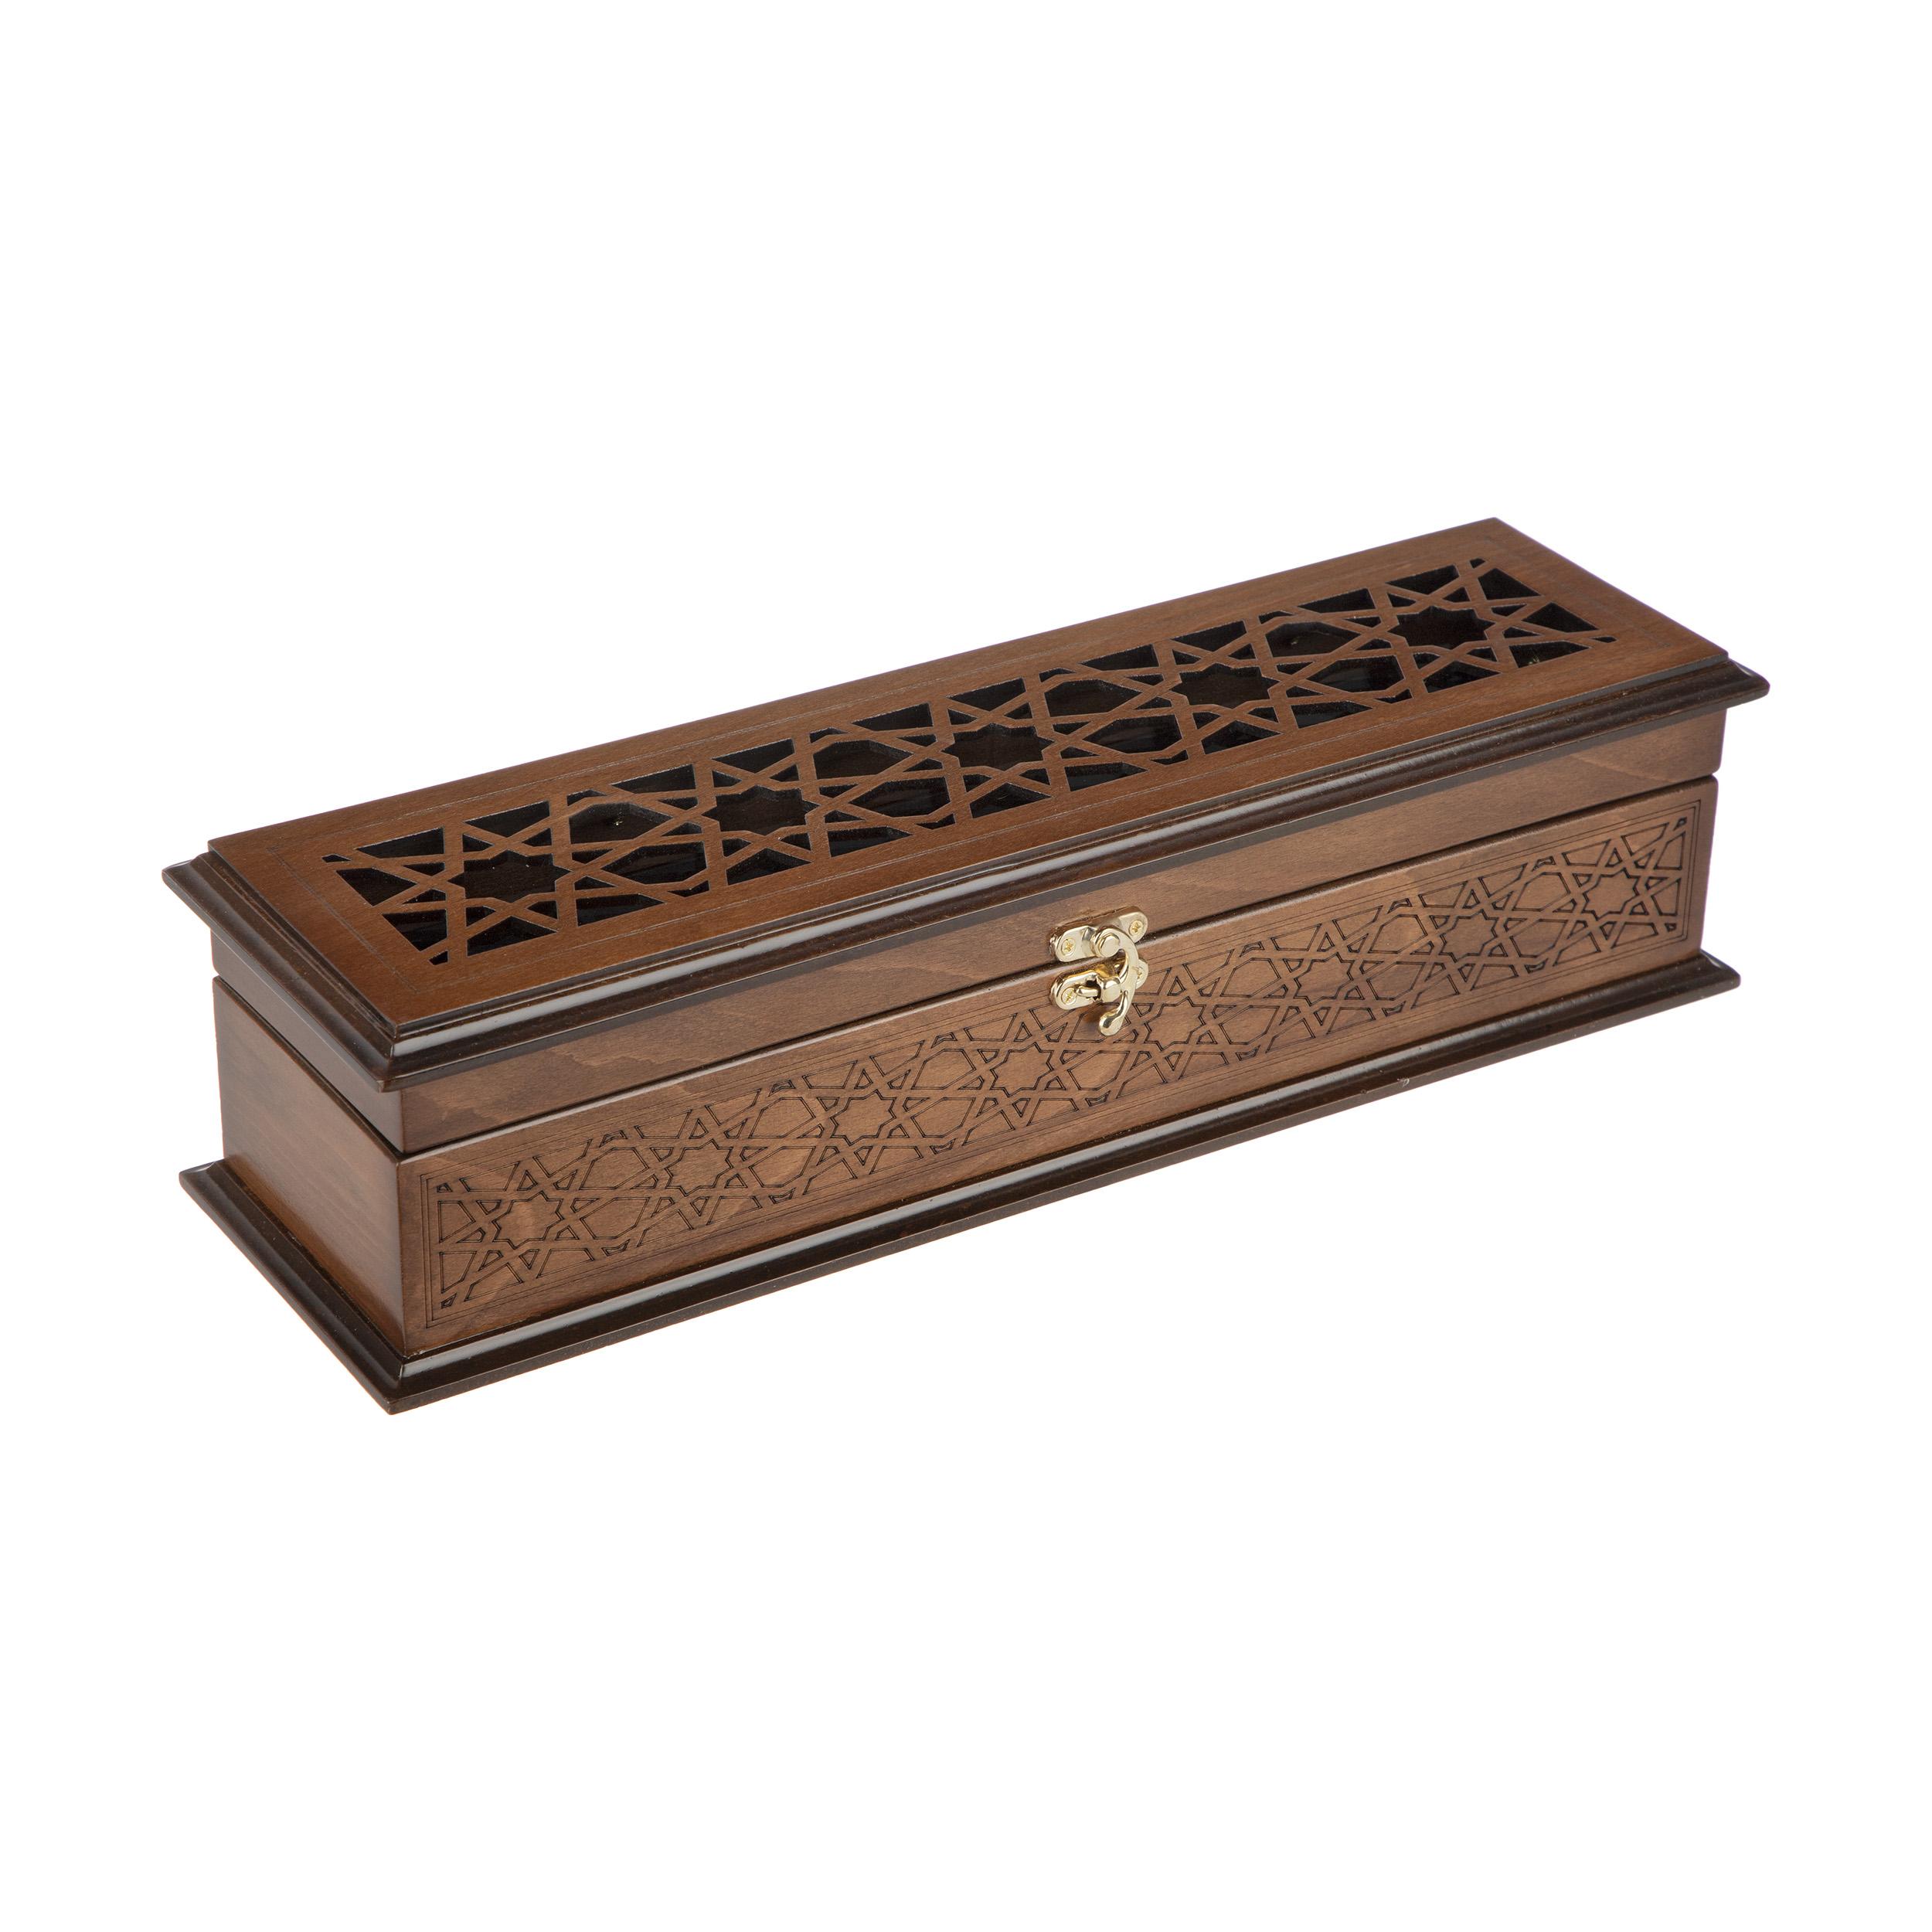 جعبه پذیرایی هُم آدیس مدل خاطره کد BT 013